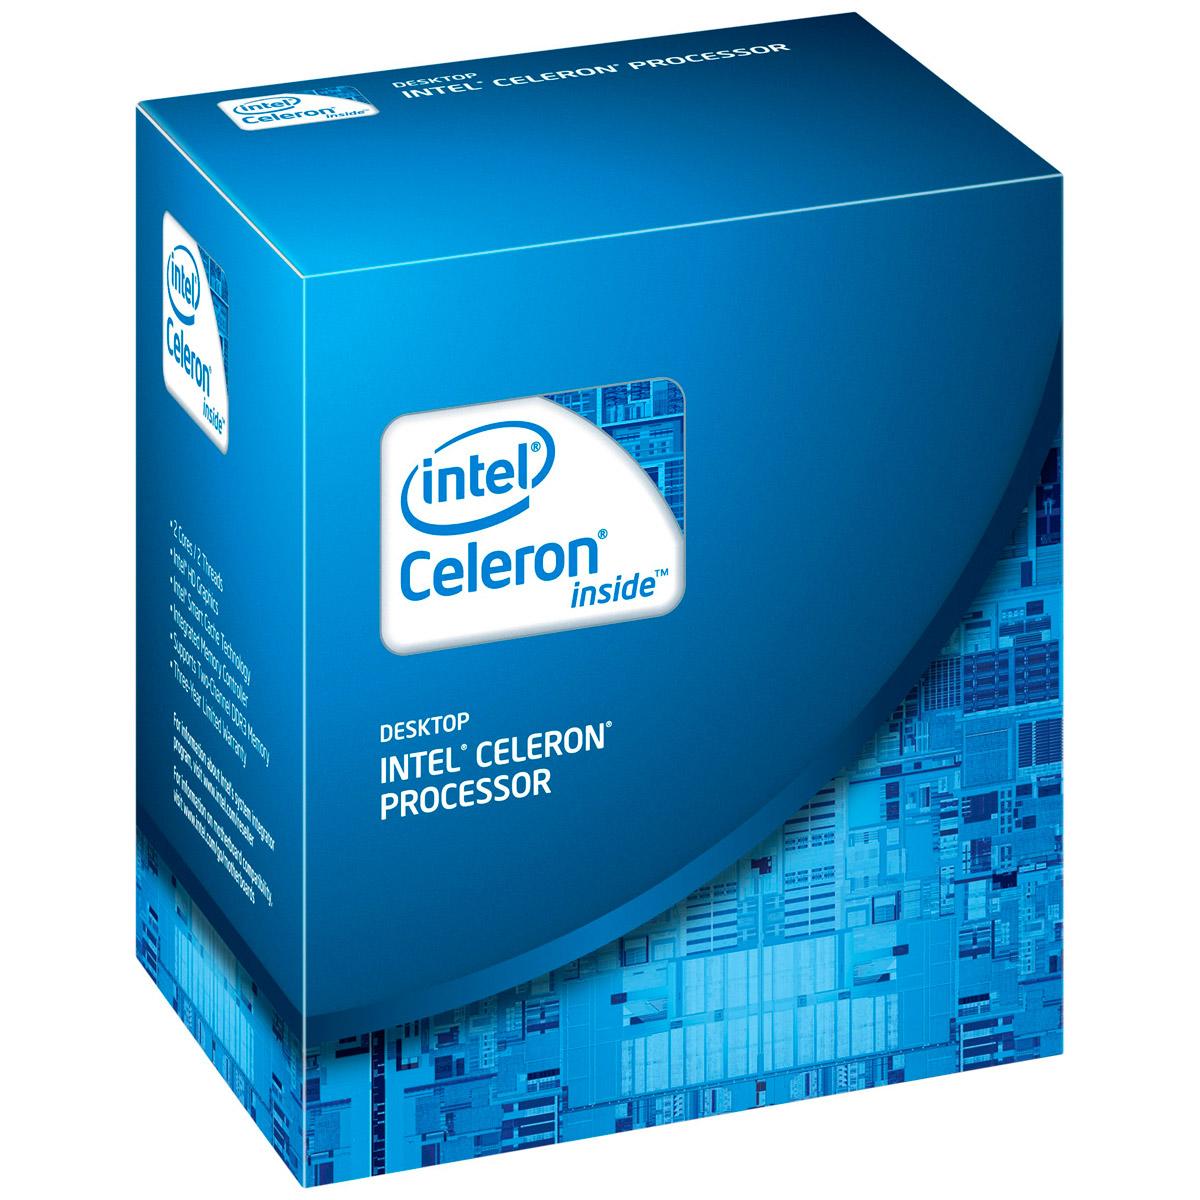 Processeur Intel Celeron G530 (2.4 GHz) Processeur Dual Core Socket 1155 Cache L3 2 Mo Intel HD Graphics 0.032 micron (version boîte - garantie Intel 3 ans)